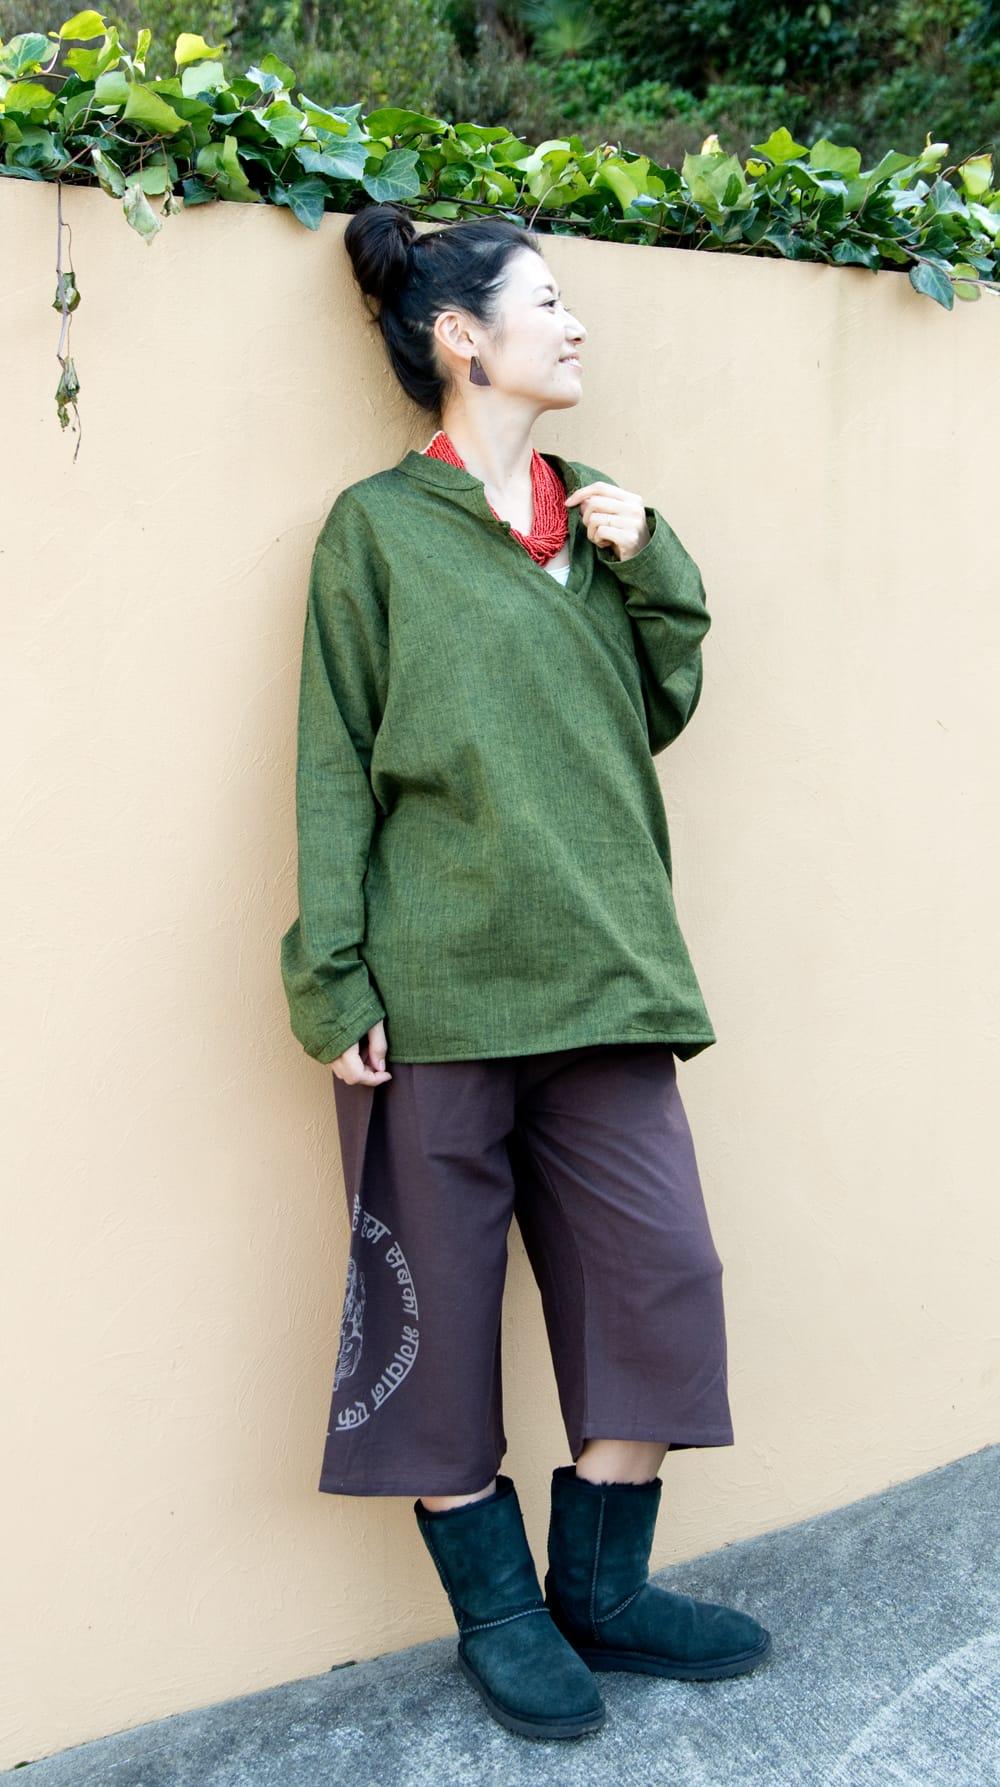 ガネーシャのショートパンツ 2 - 身長165?のスタッフが着てみました。ユニセックスデザインなので、男女問わずお楽しみいただきます。